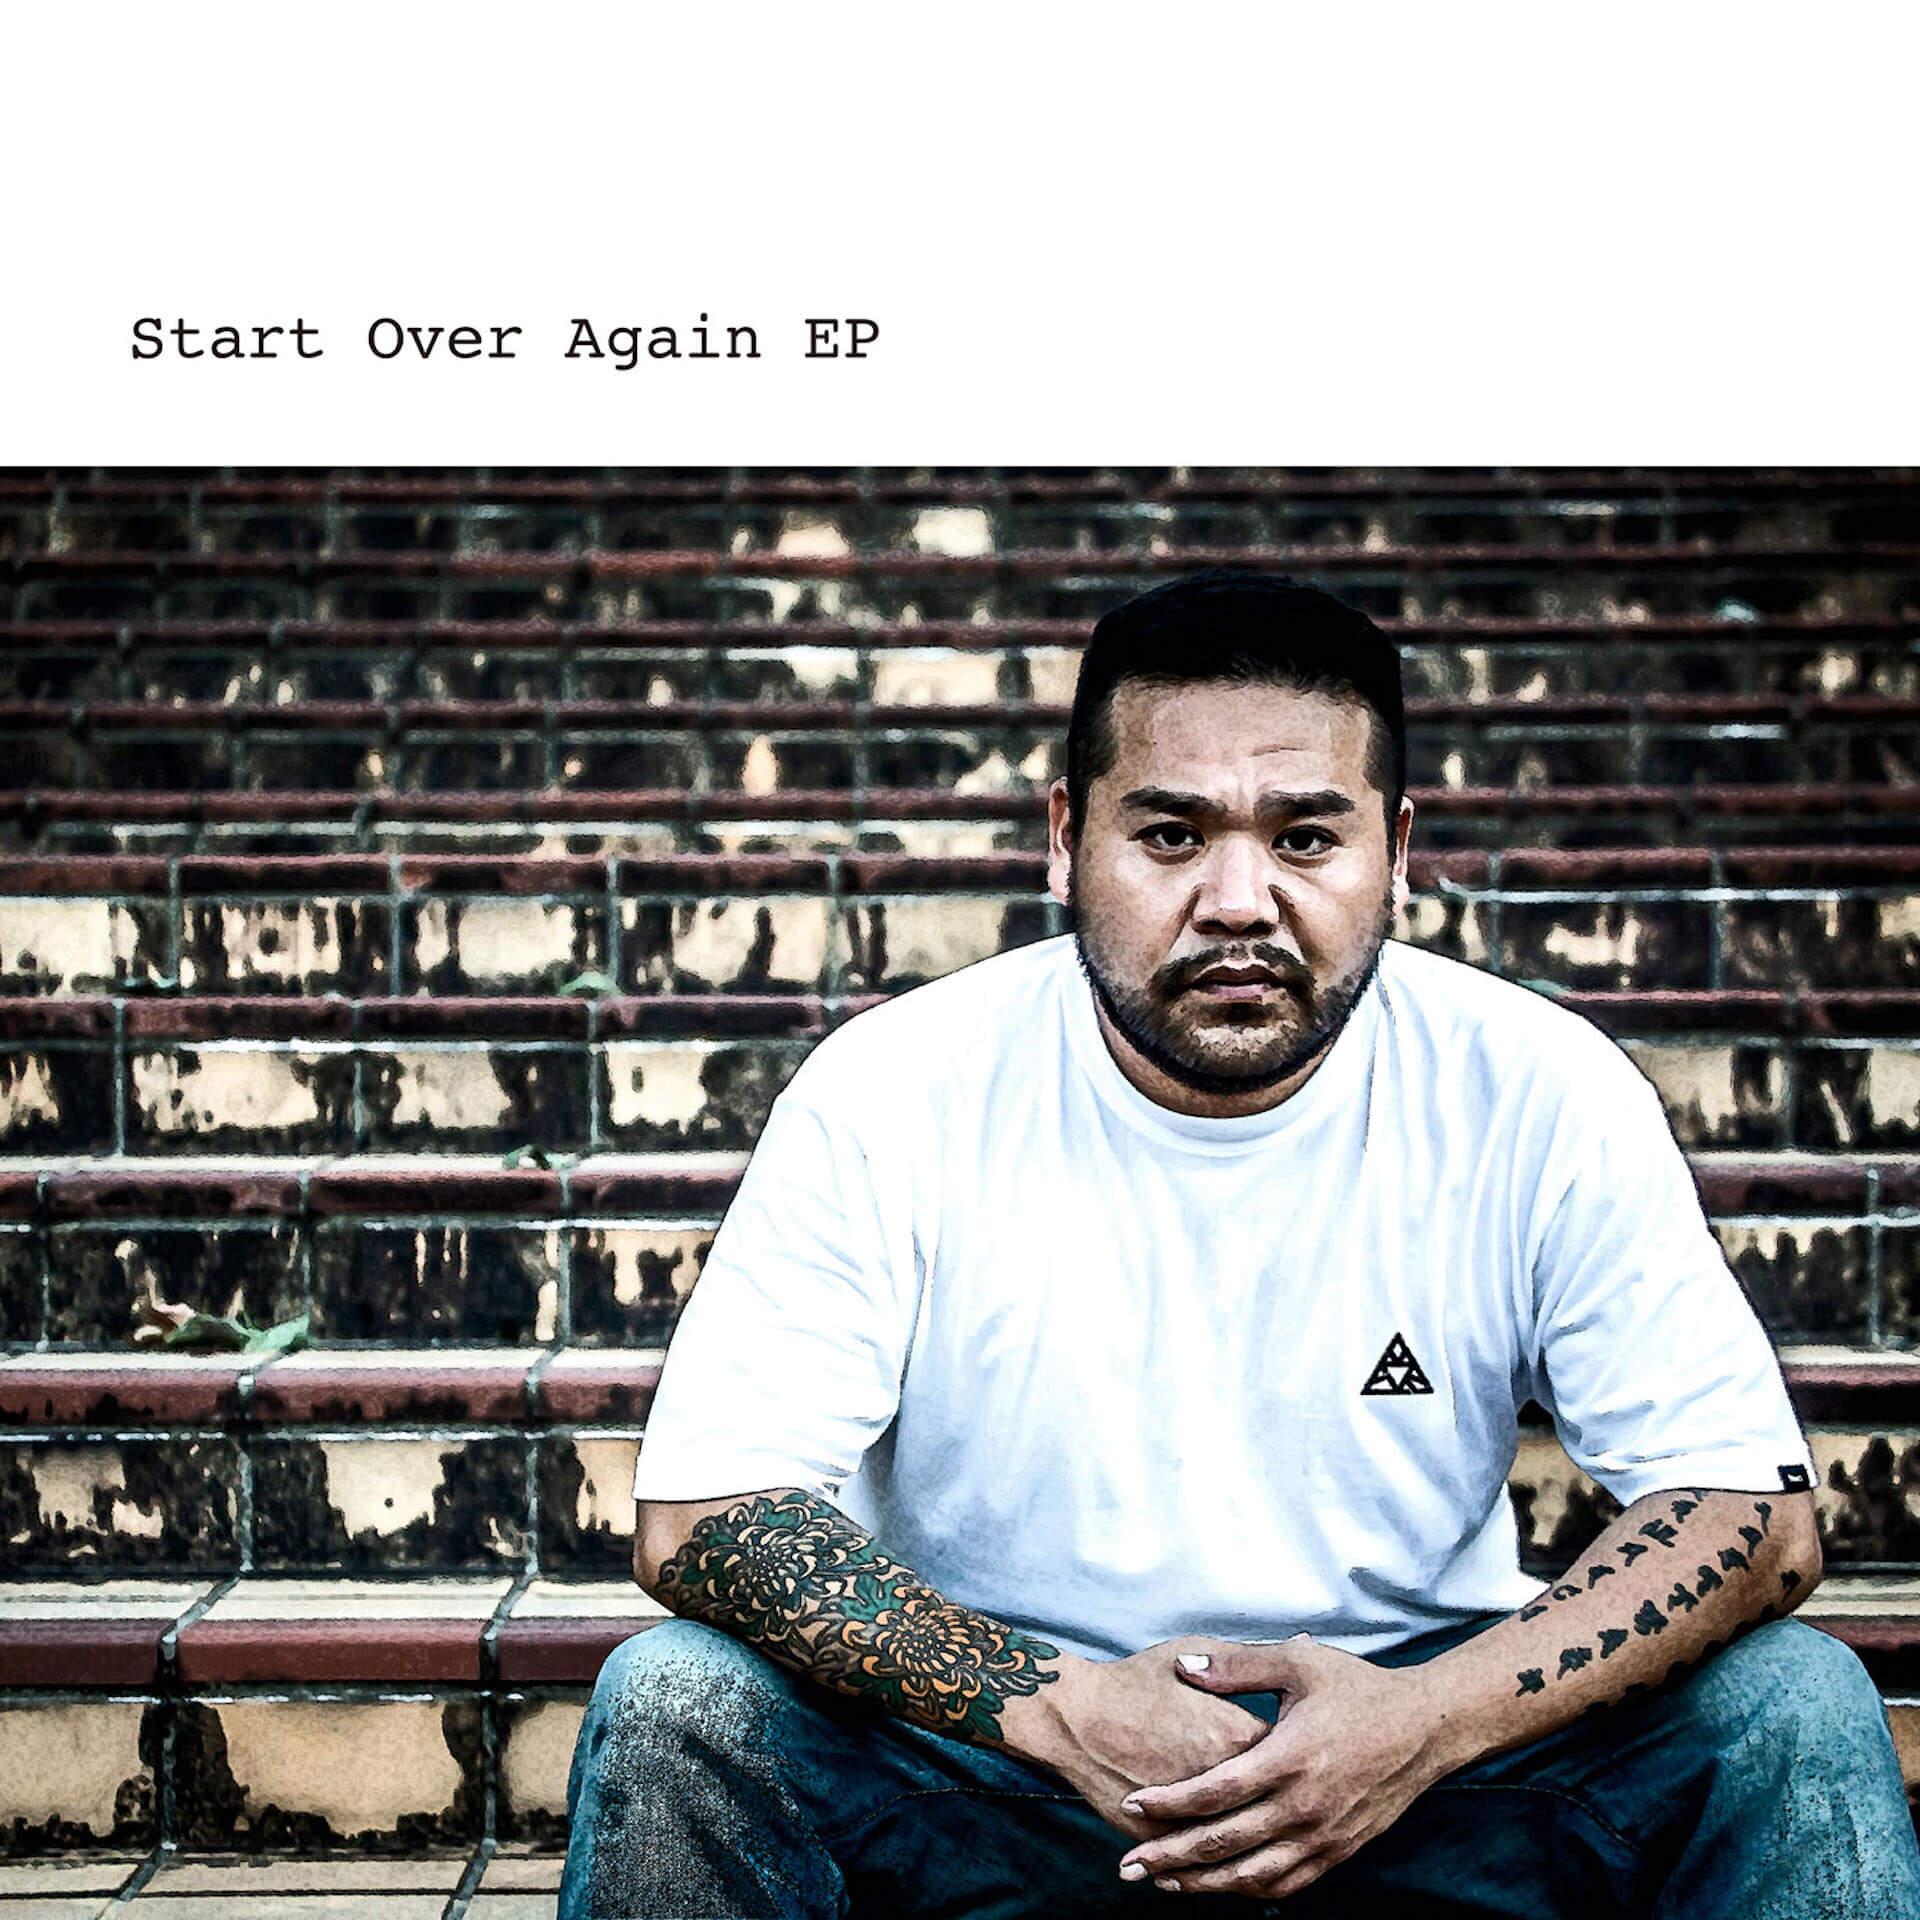 漢 a.k.a. GAMIによる新作EP『Start Over Again EP」がリリース決定!GREEN ASSASSIN DOLLARプロデュースの新曲も収録 music20201113_kanakagami_2